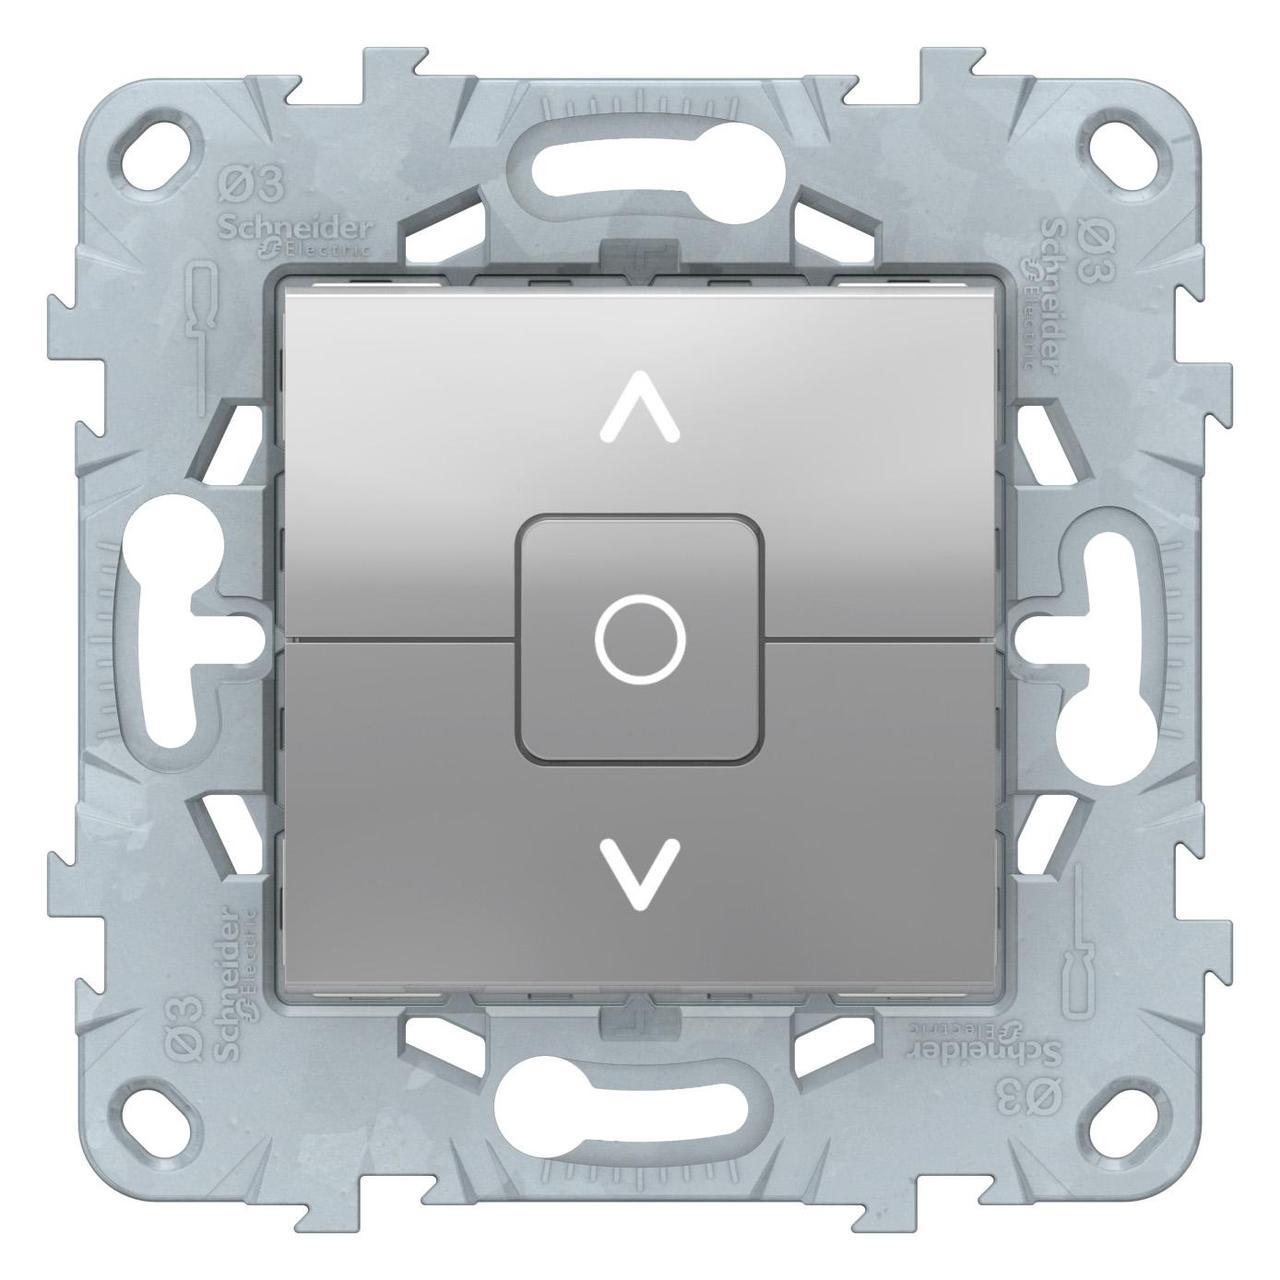 Выключатель для жалюзи (рольставней) с фиксацией , Алюминий, серия Unica New, Schneider Electric